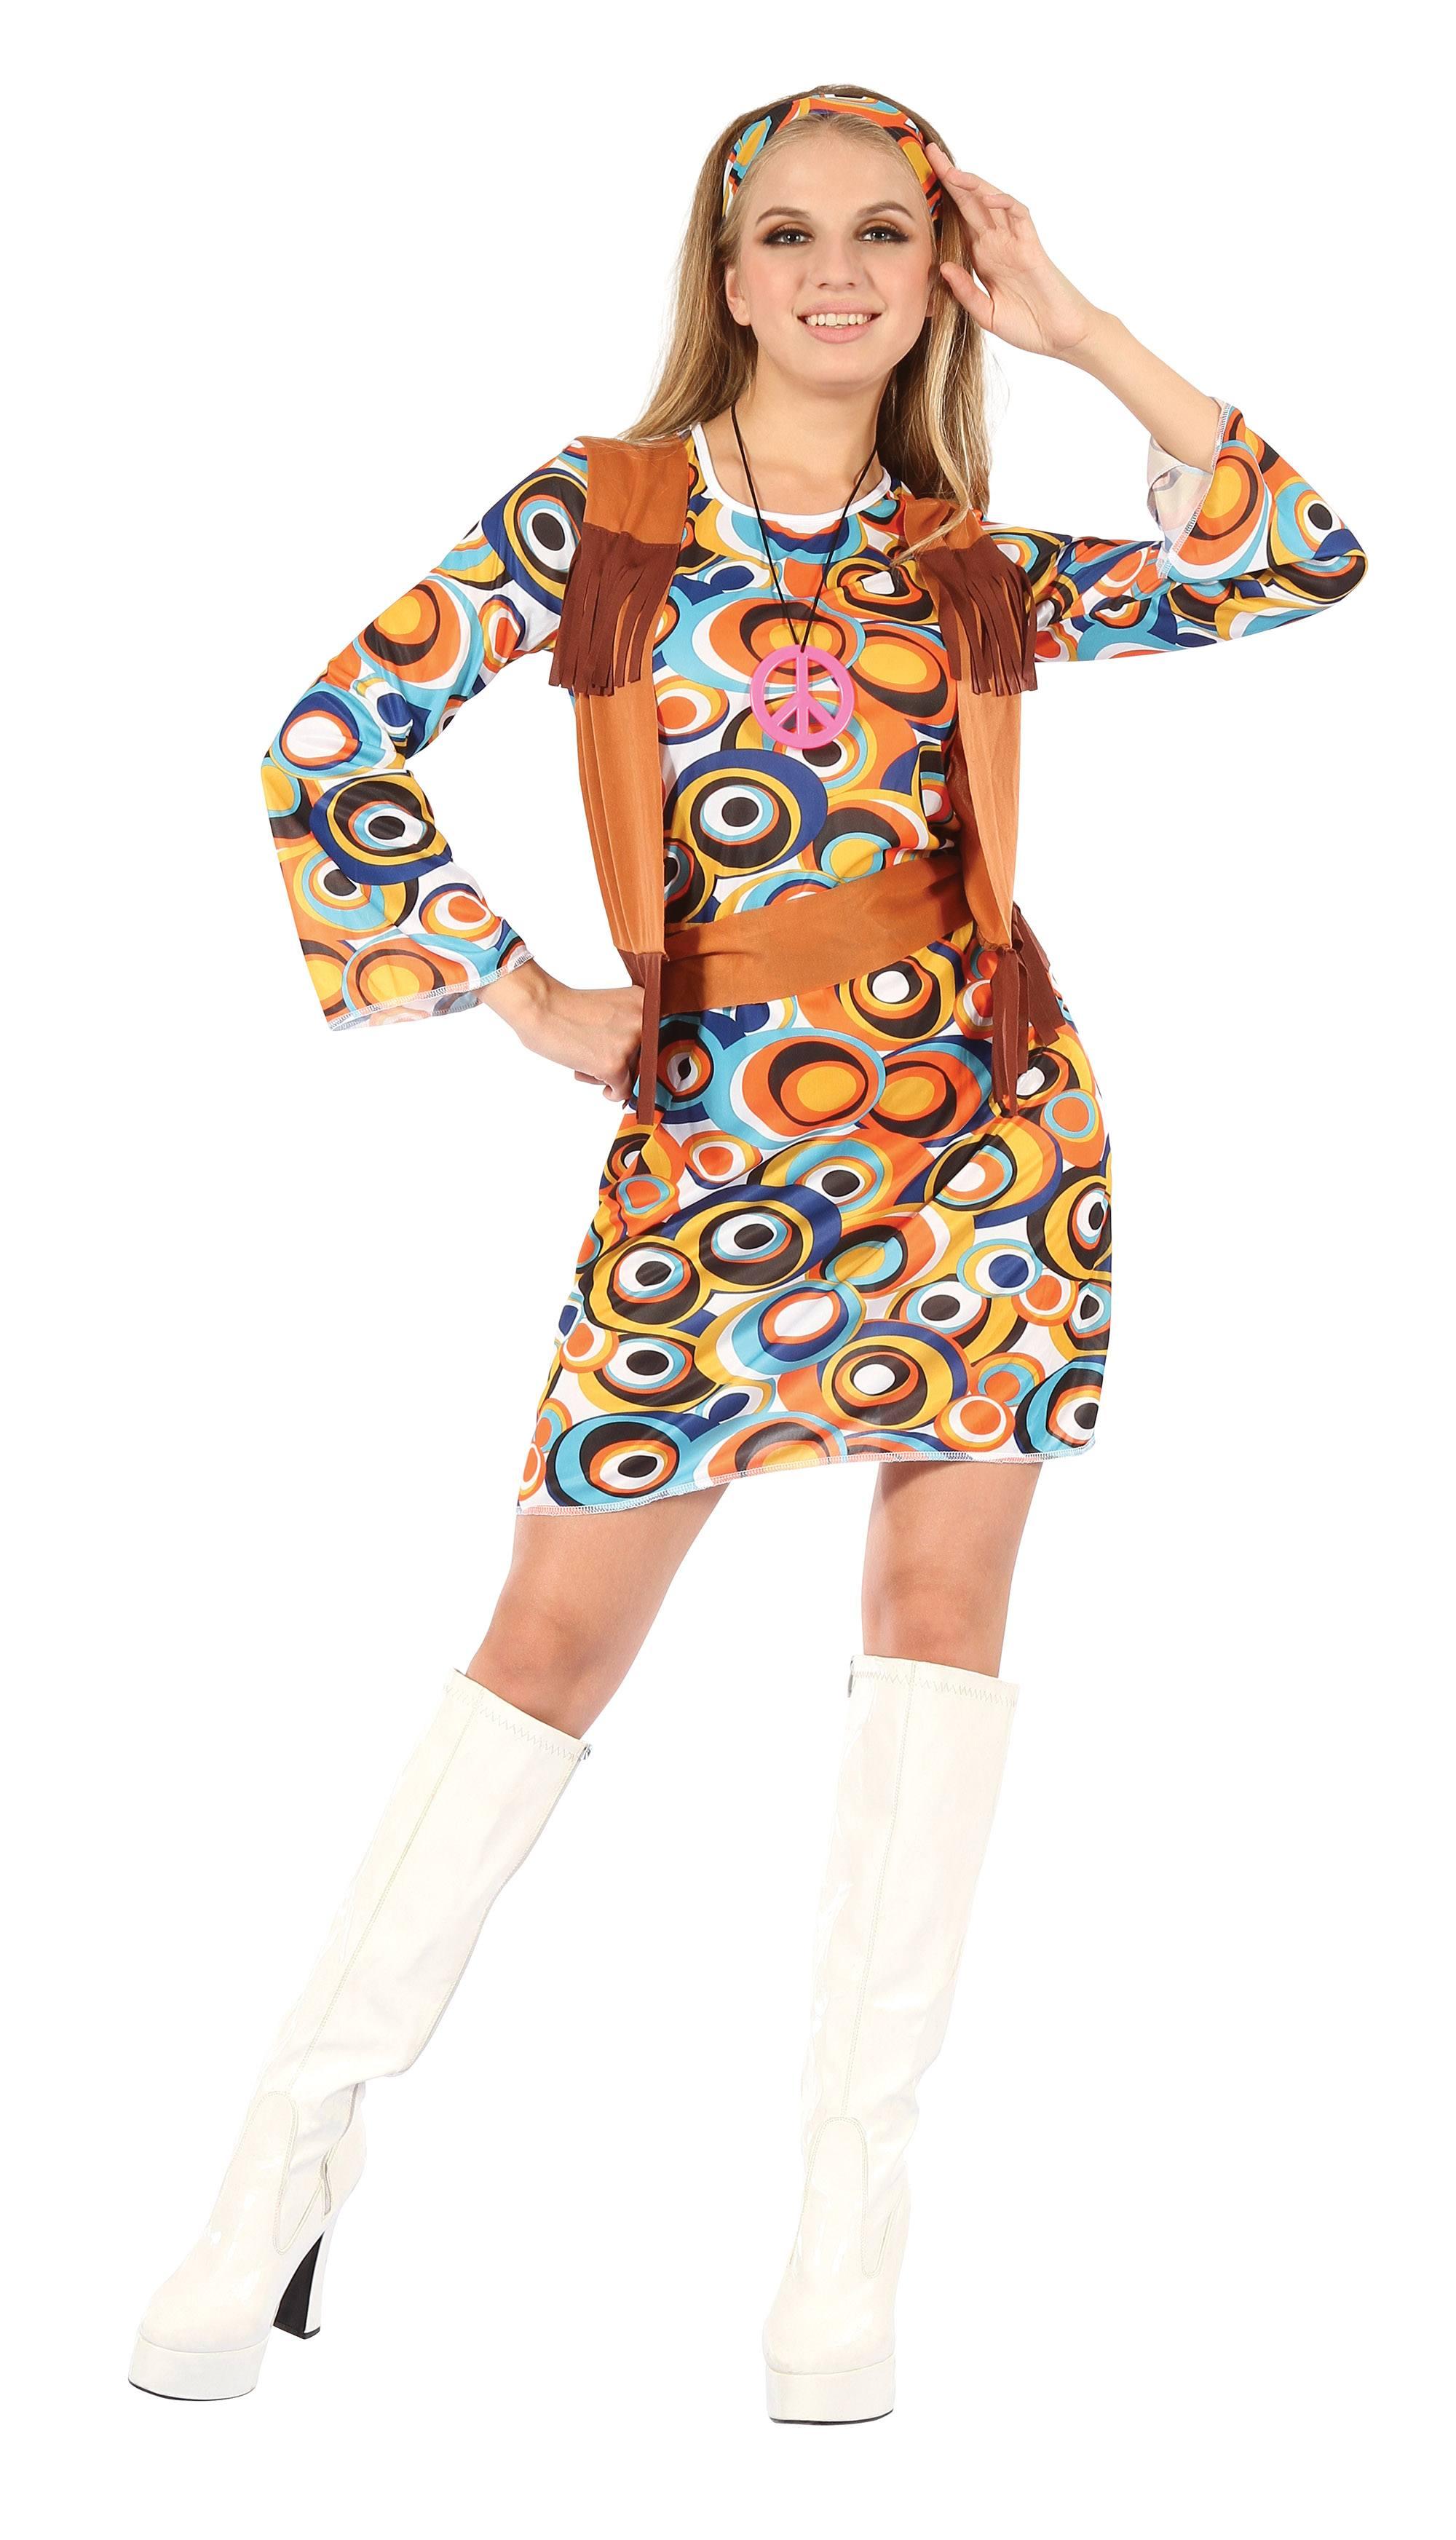 buy popular a154d 292d6 Dettagli su Hippy / Mod Vestito con con Frangia Canotta Adulto Donna Costume